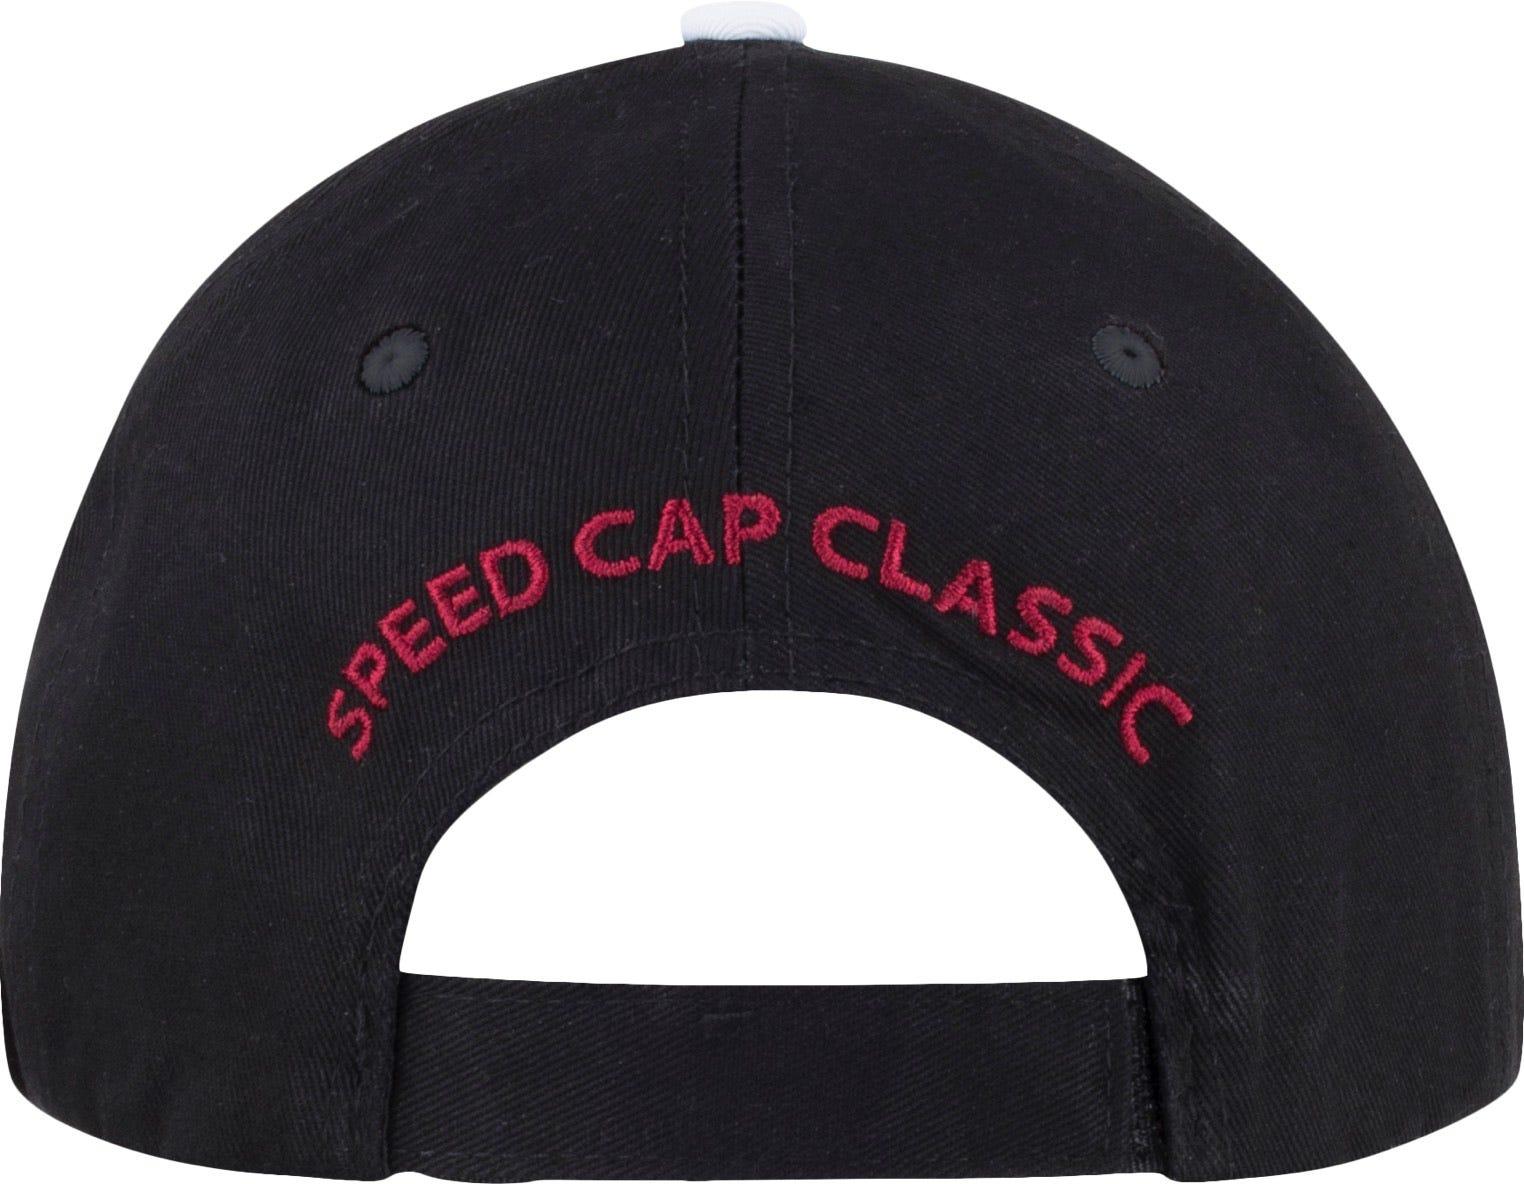 Speedcap Classic